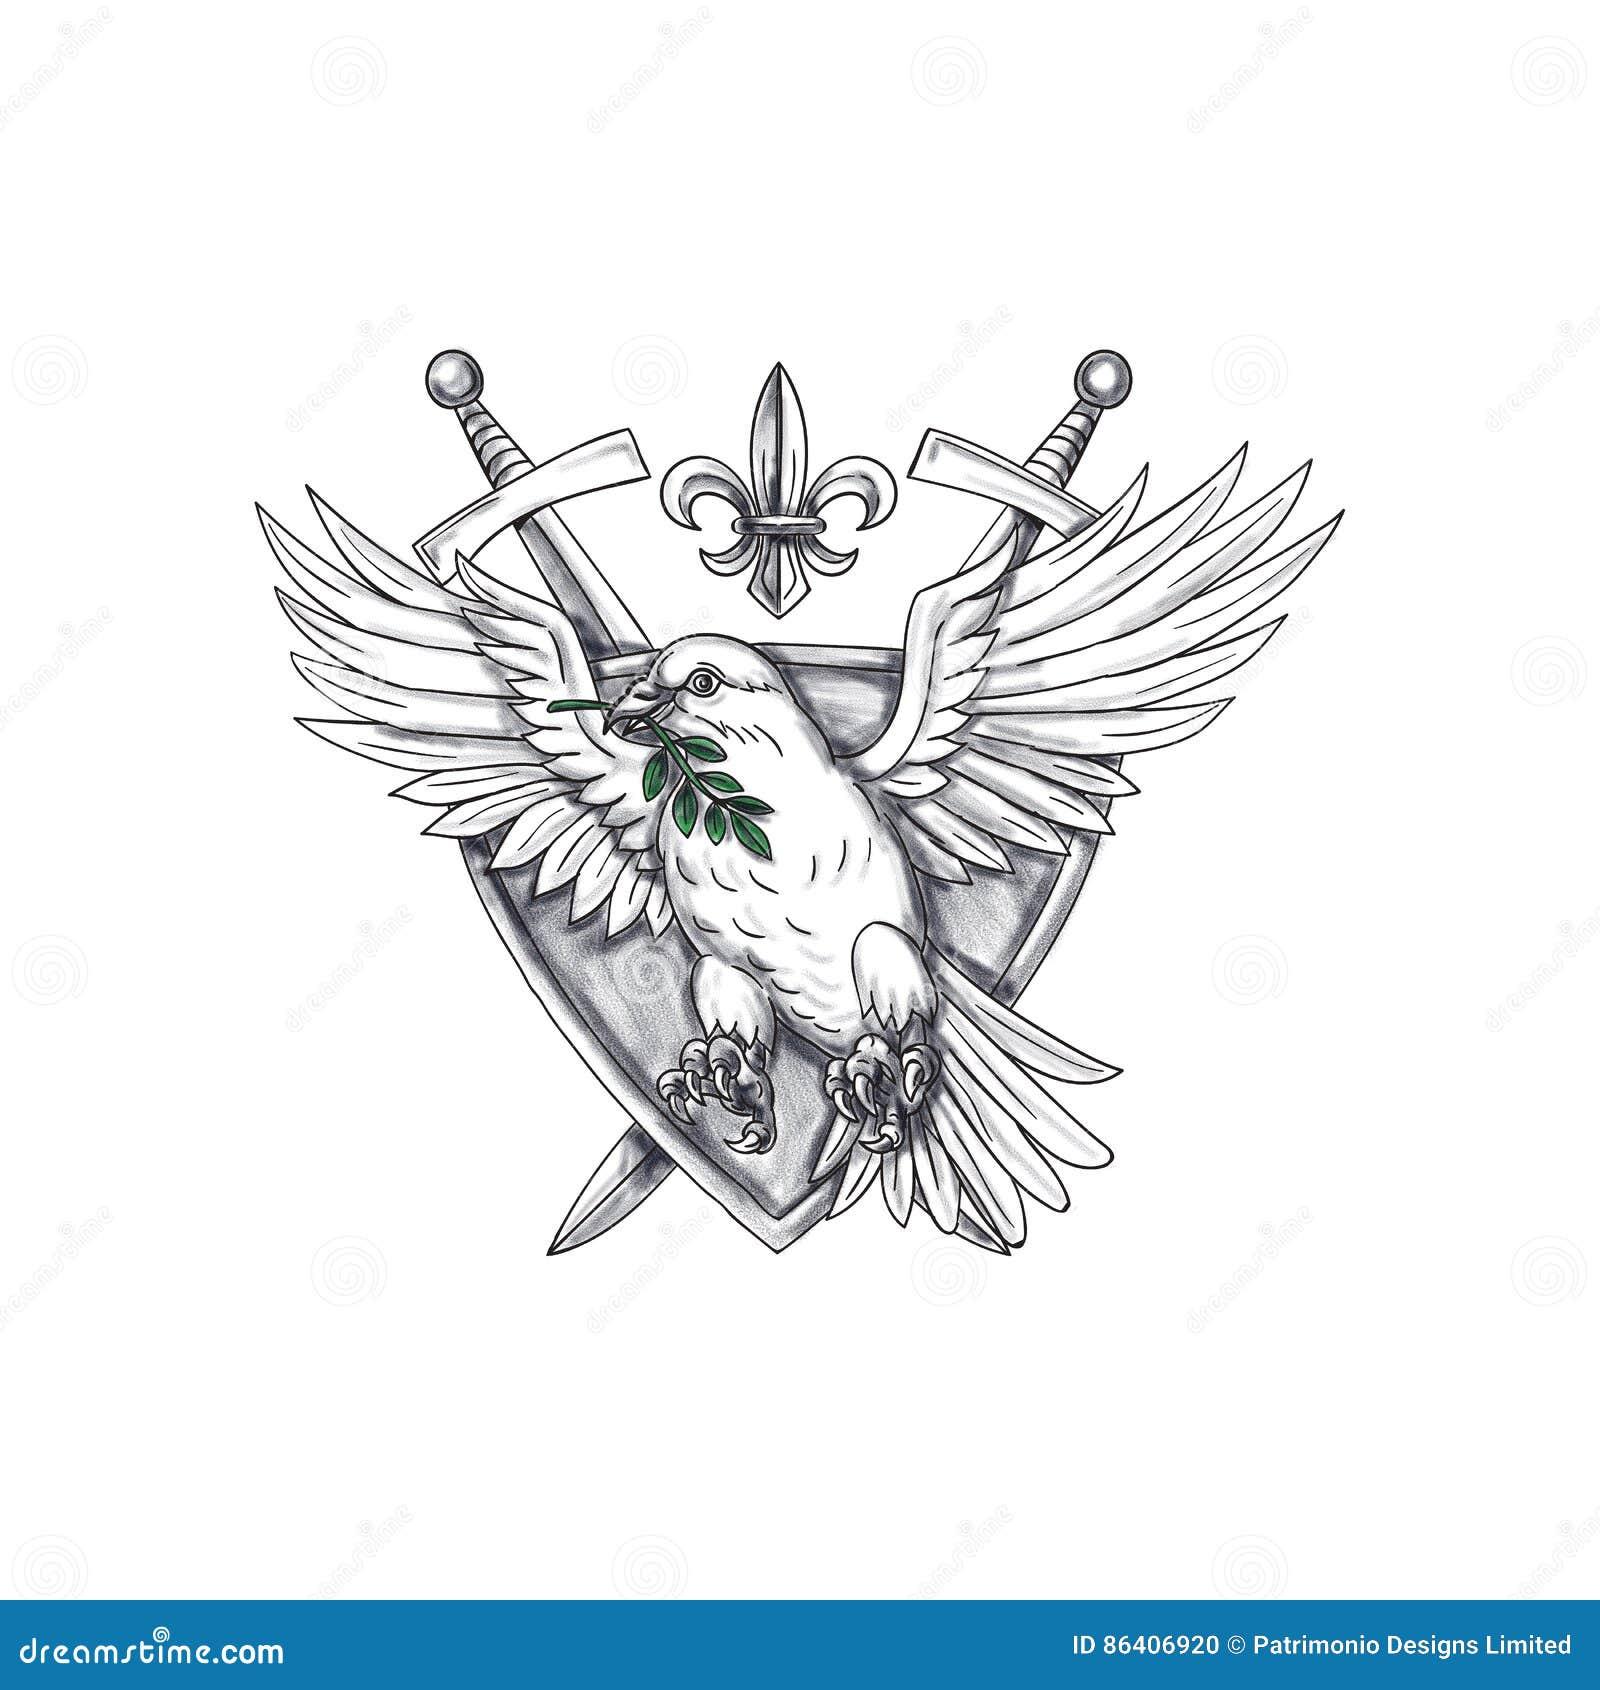 colombe olive leaf sword crest tattoo illustration stock. Black Bedroom Furniture Sets. Home Design Ideas